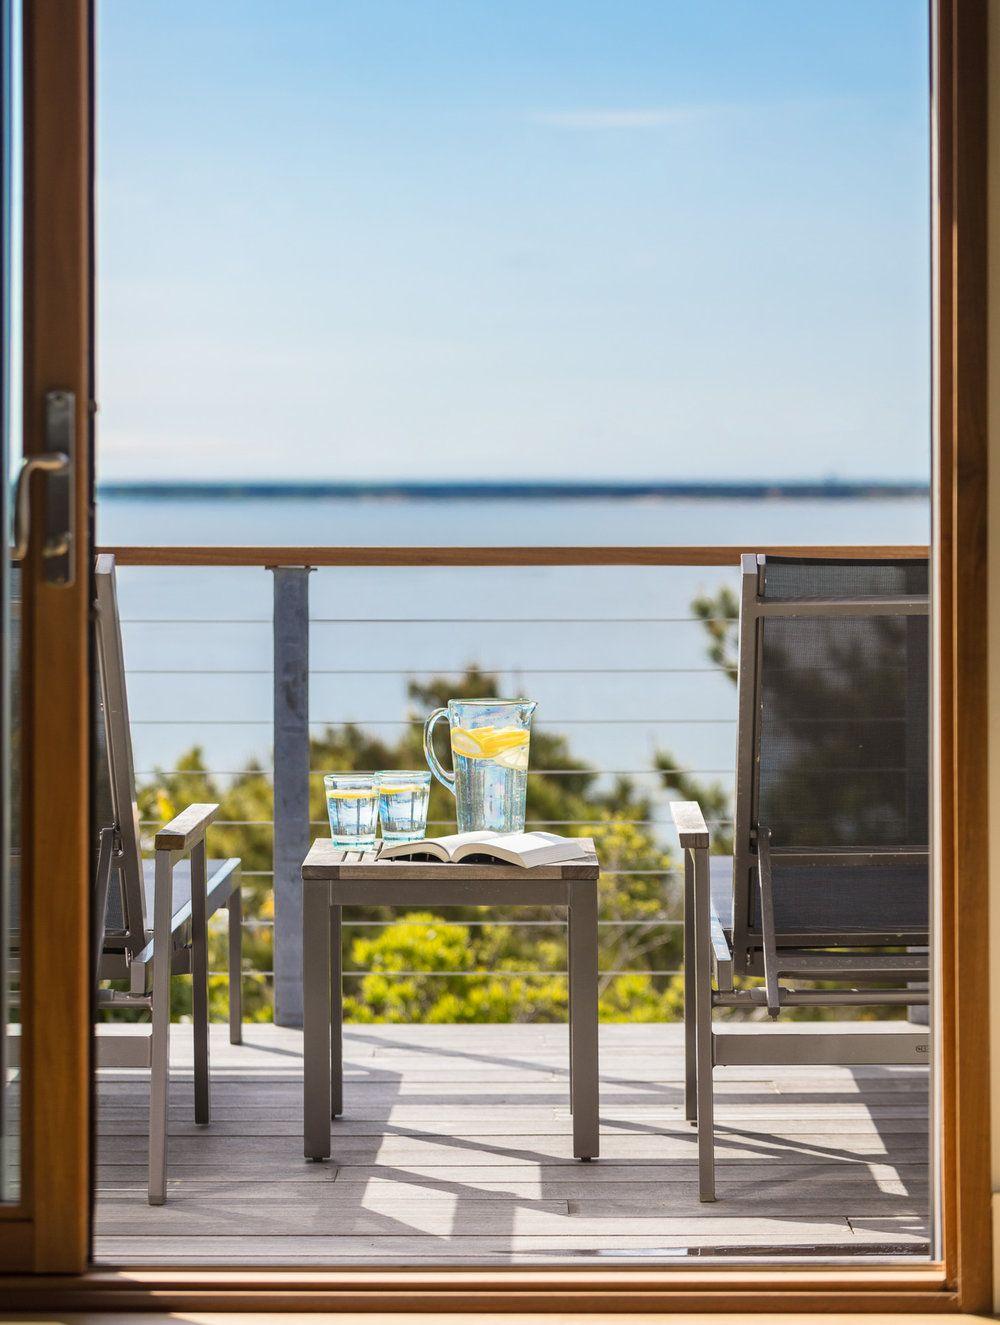 Balcoanele ca zone intermediare între interior și exterior devin popasuri pentru a admira priveliștea, dar ca elemente arhitecturale ele asigură și umbra necesară ca interior.